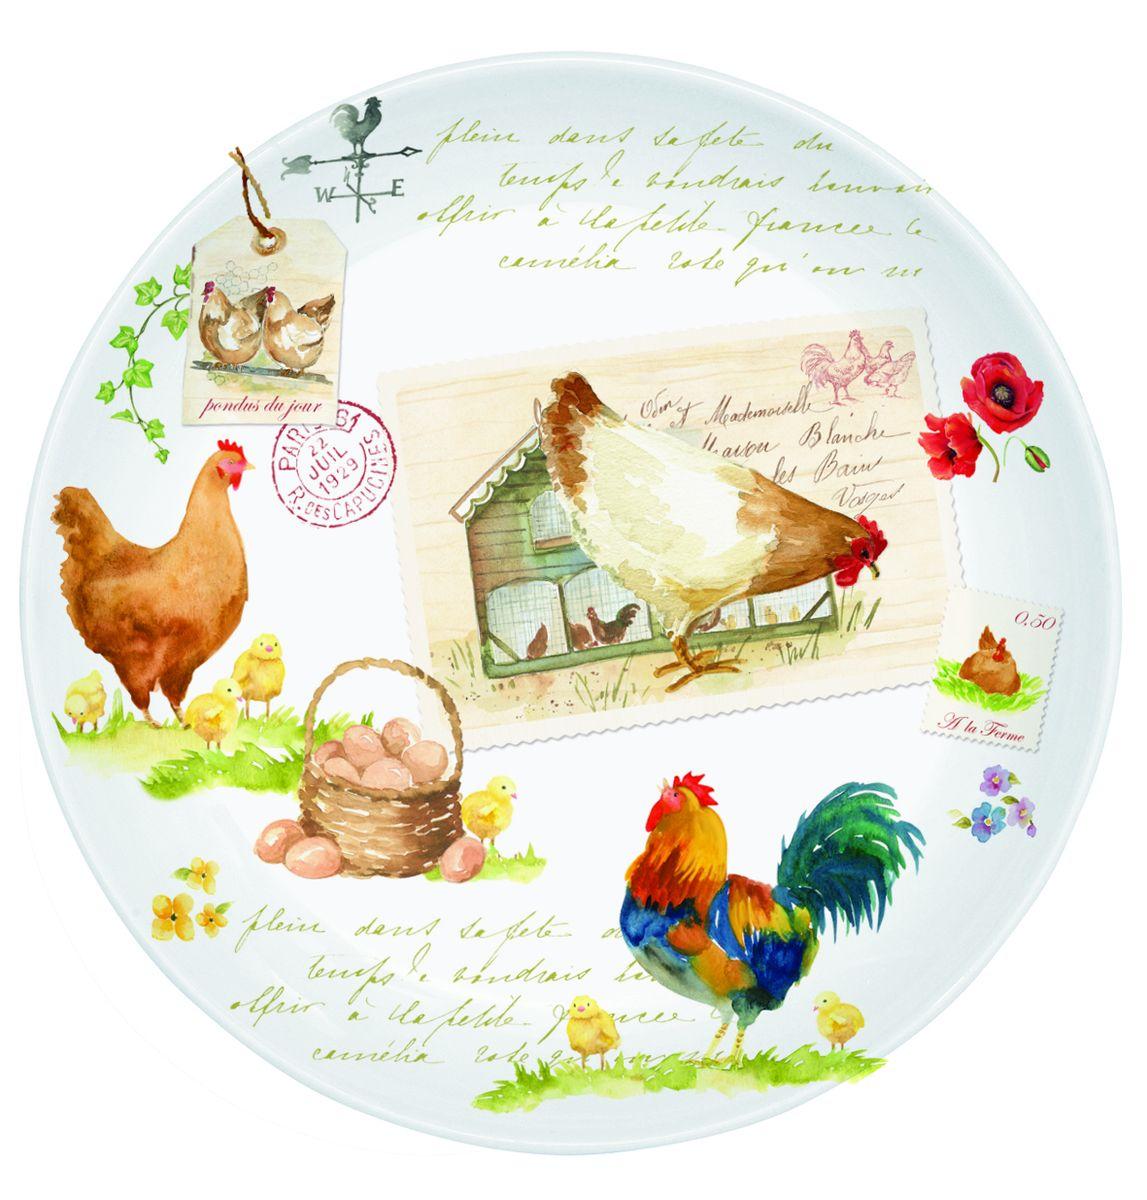 Тарелка десертная Nuova R2S Петух и курица, диаметр 19 см324CTLIТарелка десертная Nuova R2S Петух и курица, выполненная из высококачественного костяного фарфора, декорирована оригинальным рисунком. Изящный дизайн придется по вкусу и ценителям классики, и тем, кто предпочитает утонченность. Тарелка десертная Nuova R2S Петух и курица идеально подойдет для сервировки стола и станет отличным подарком к любому празднику. Диаметр тарелки (по верхнему краю): 19 см.